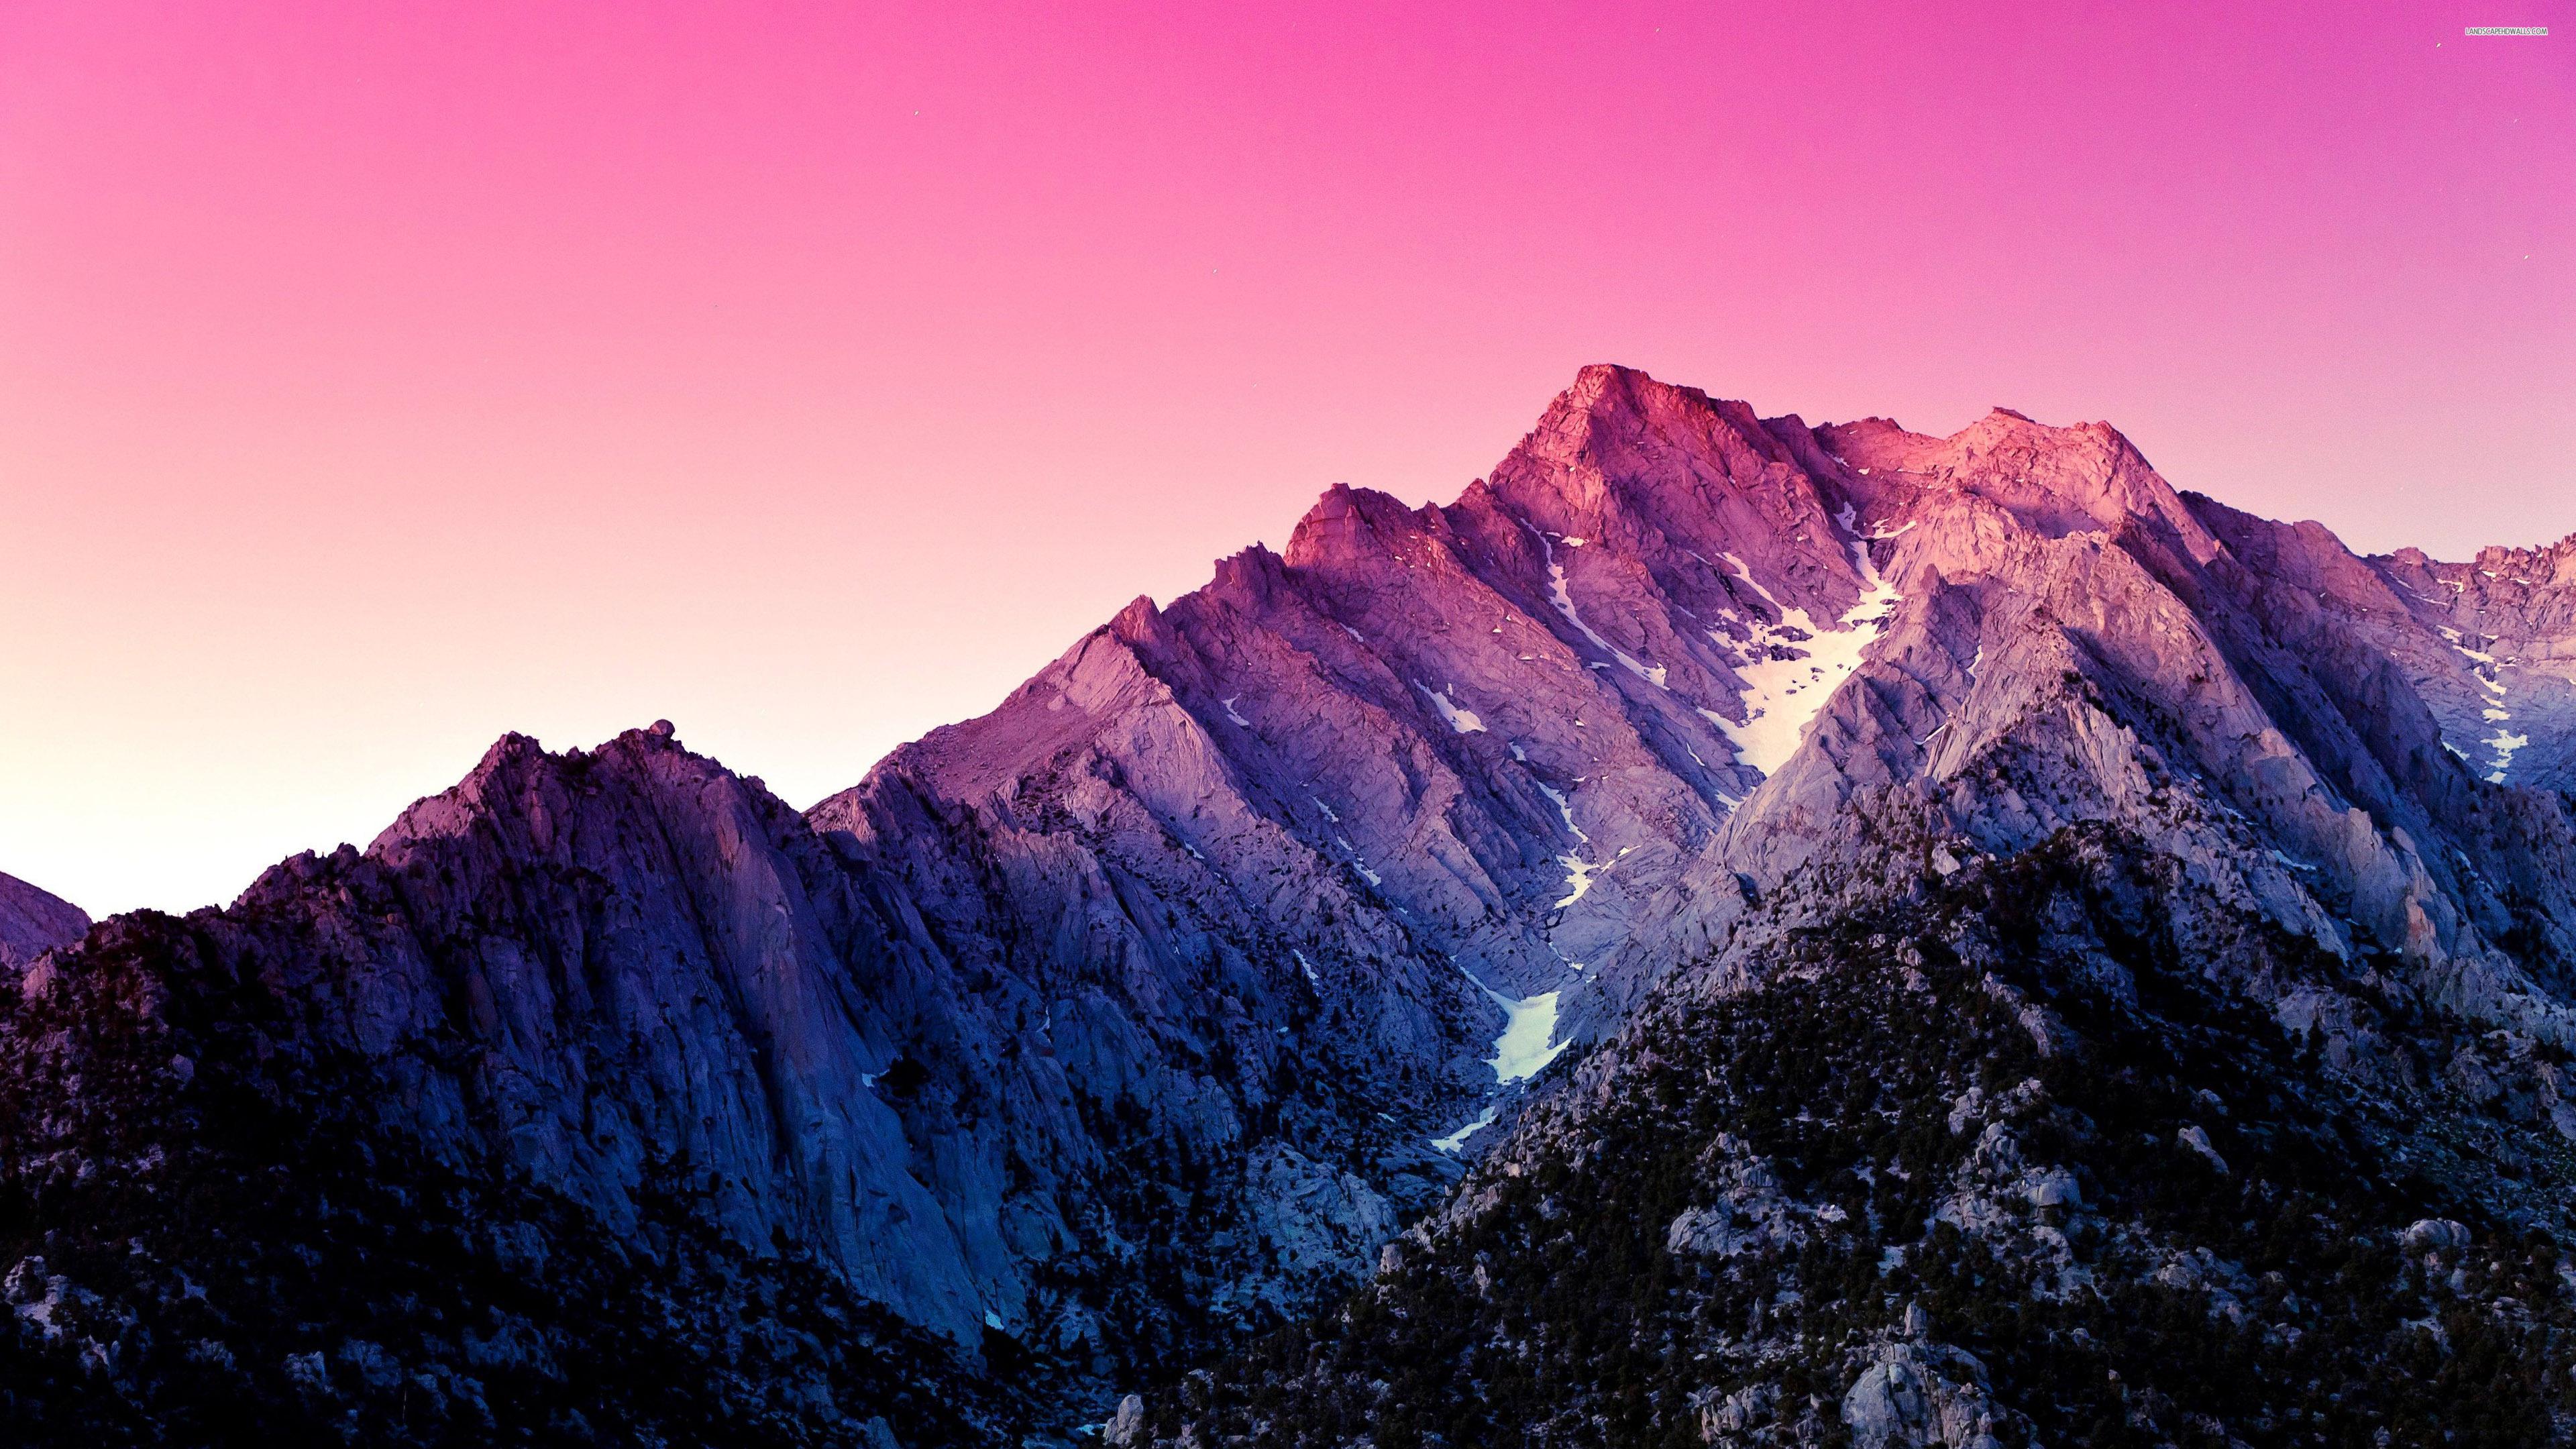 [40+] 4K Wallpaper Mountains on WallpaperSafari